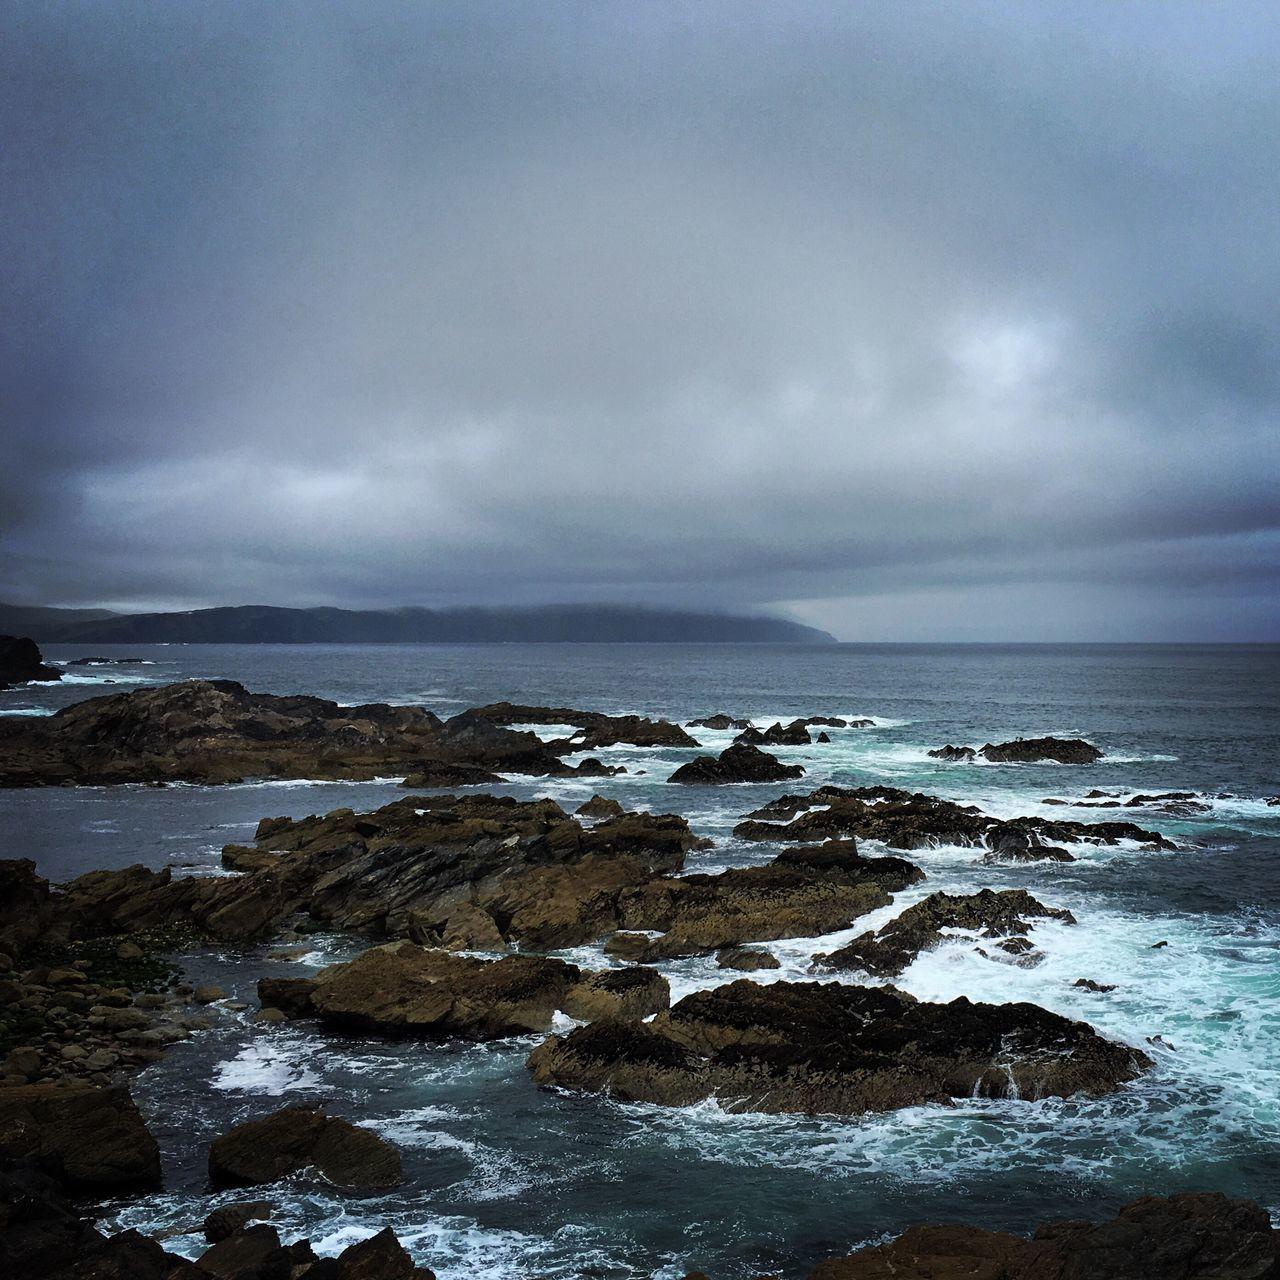 Achill Island Achill Ireland Ireland🍀 Irelandinspires Ireland Landscapes Wildatlanticway Atlantic Atlantic Ocean Ocean Coastal Rugged Rugged Coastline Coastline Coast County Mayo